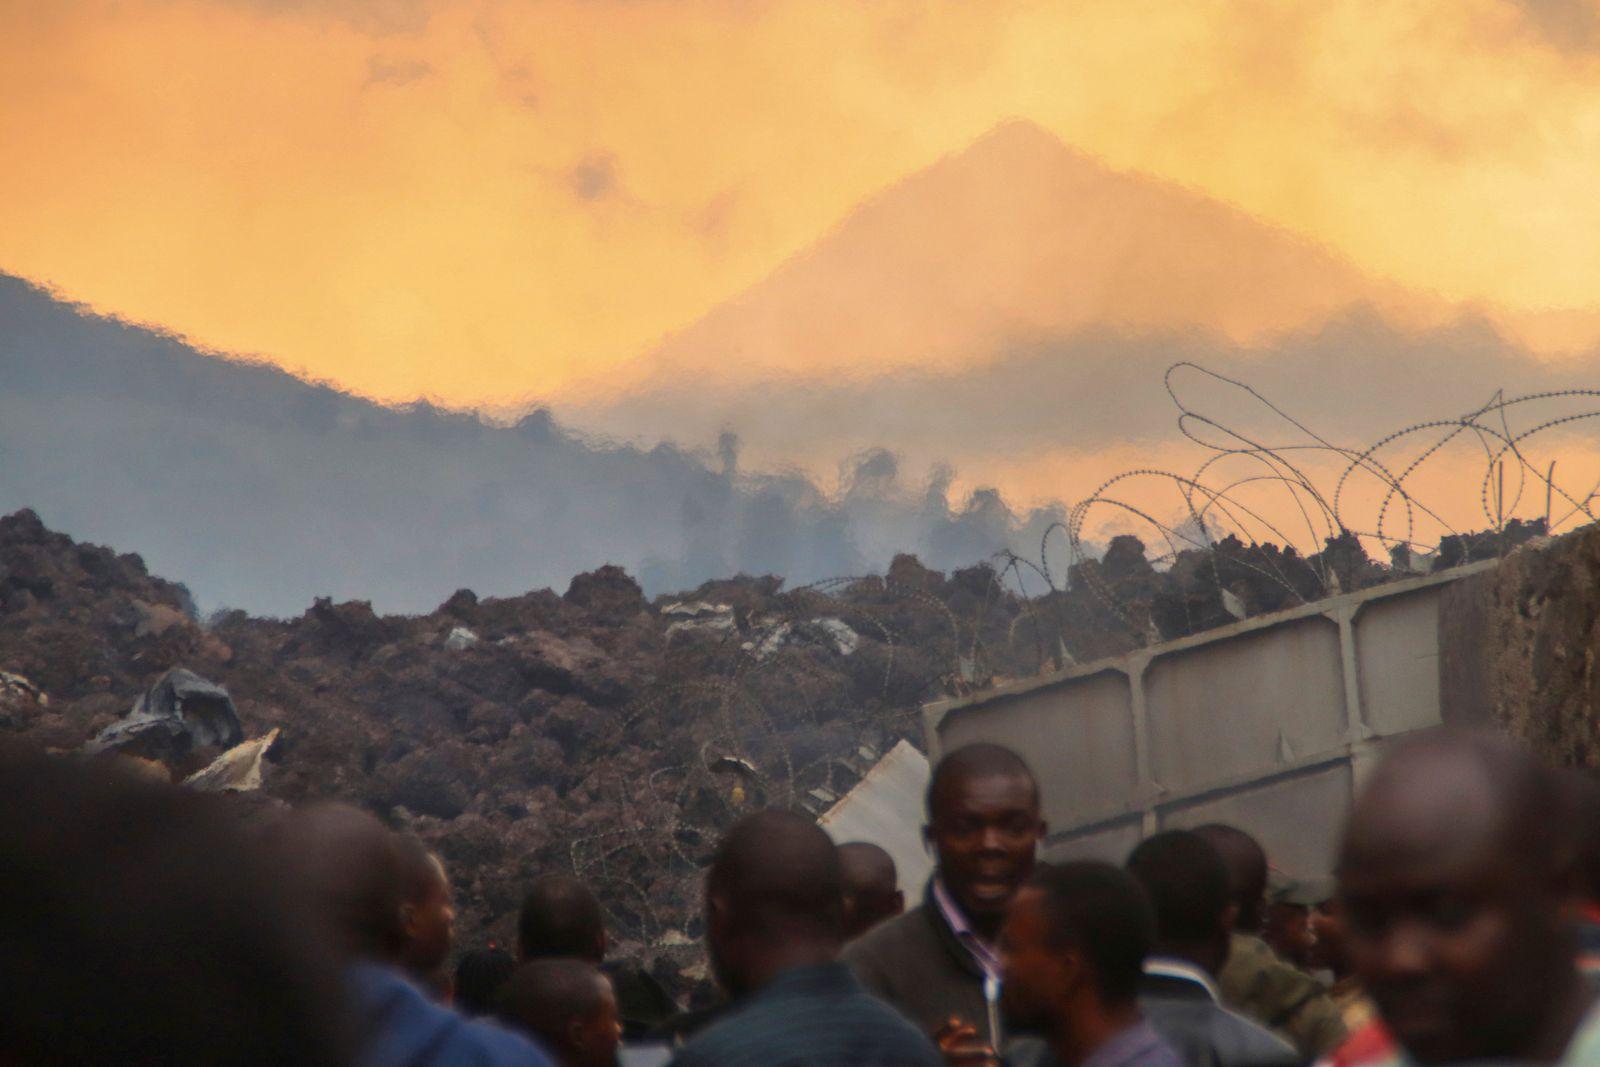 Vulkanausbruch im Osten Kongos löst Panik aus